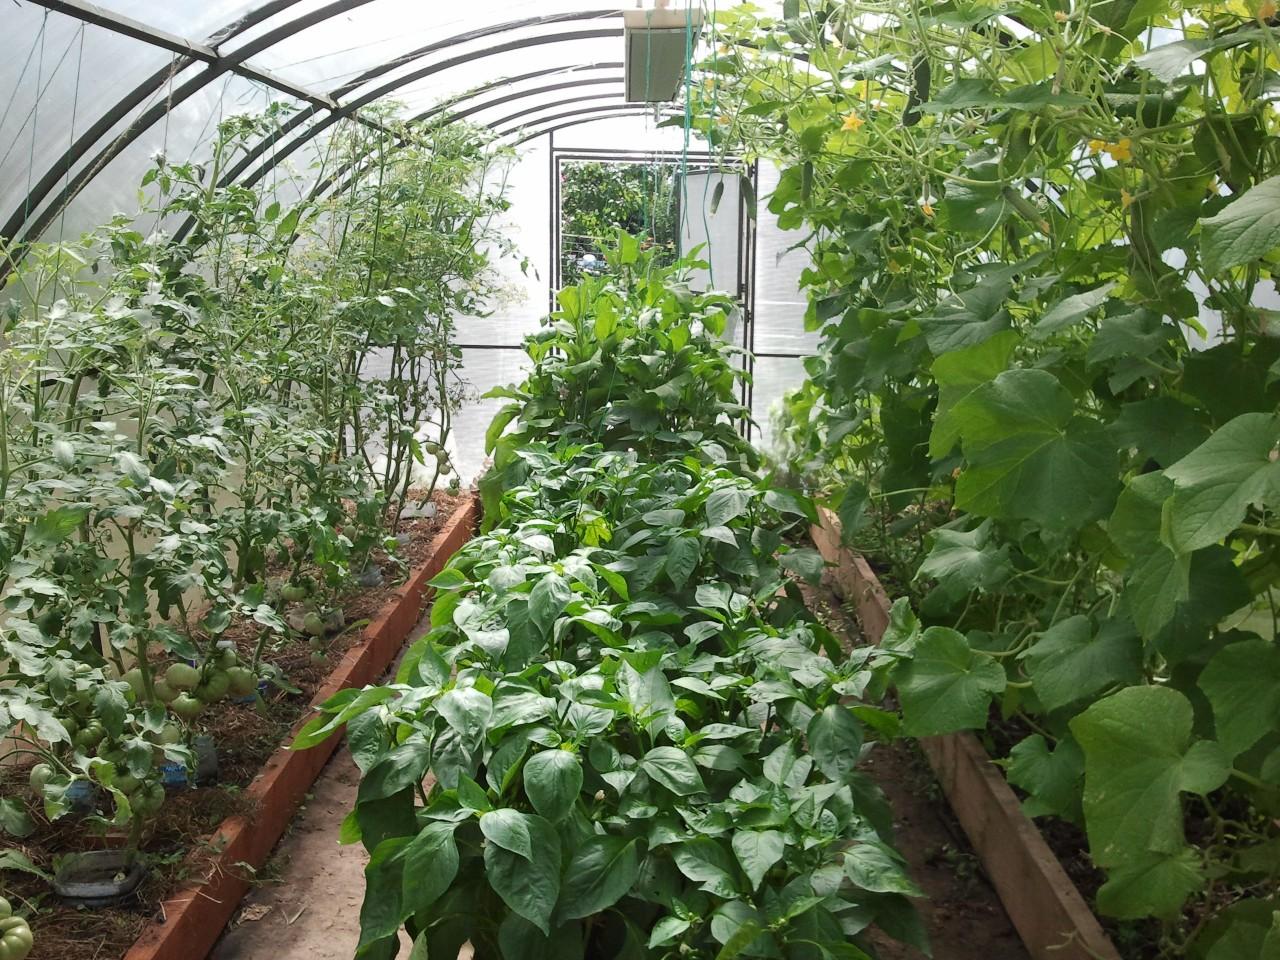 Огурцы : что можно посадить в одной теплице вместе с овощем 61